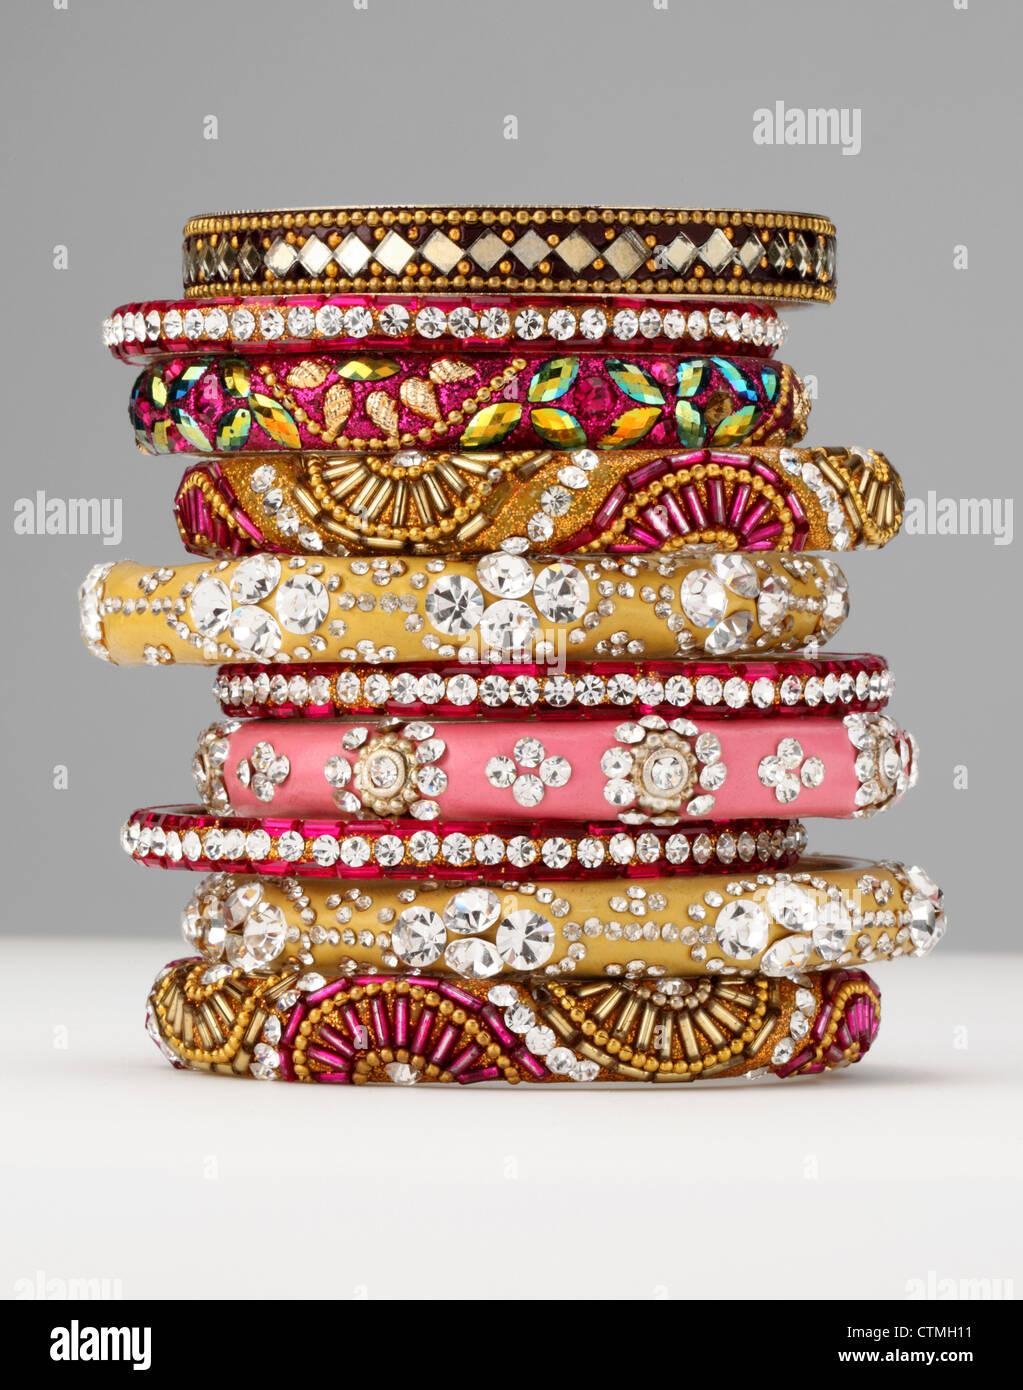 La bigiotteria. Una pila di braccialetti colorati. Immagini Stock